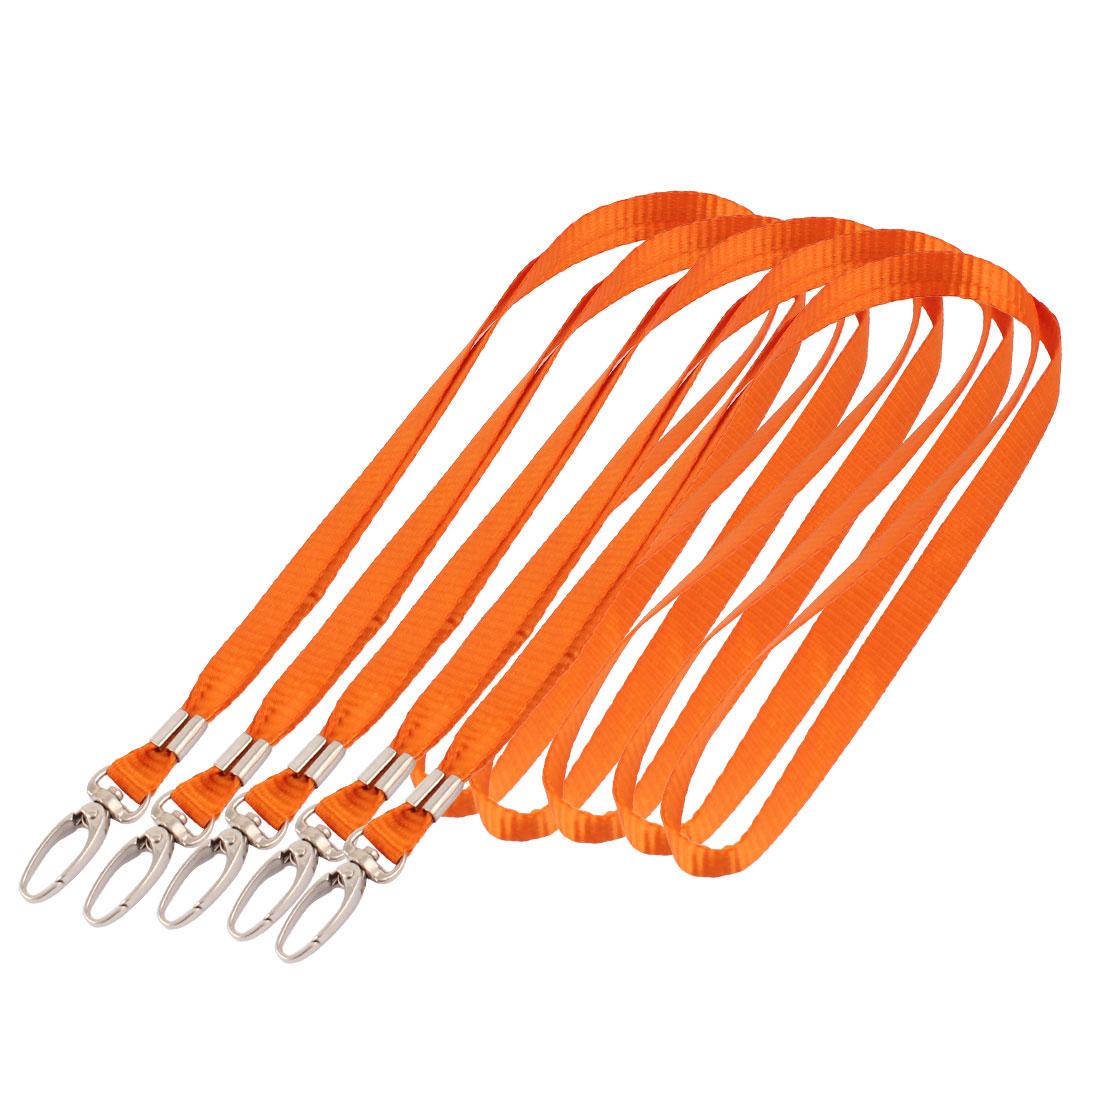 ID Card Tag Pass Badge Holder Metal Hook Clip Neck Strap Lanyard Orange 5pcs